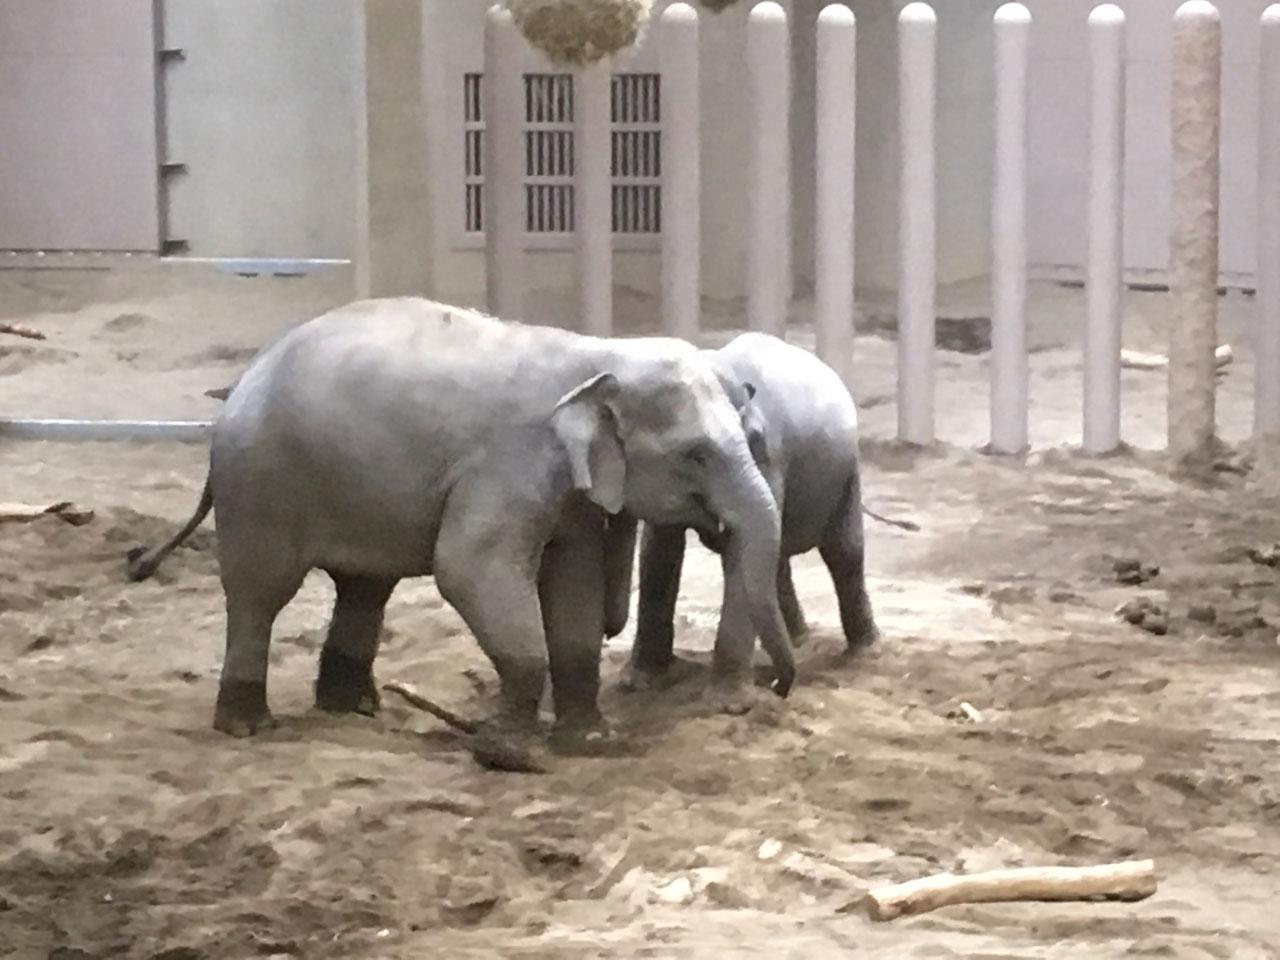 子連れに大人気 円山動物園のゾウ舎に行ってきた